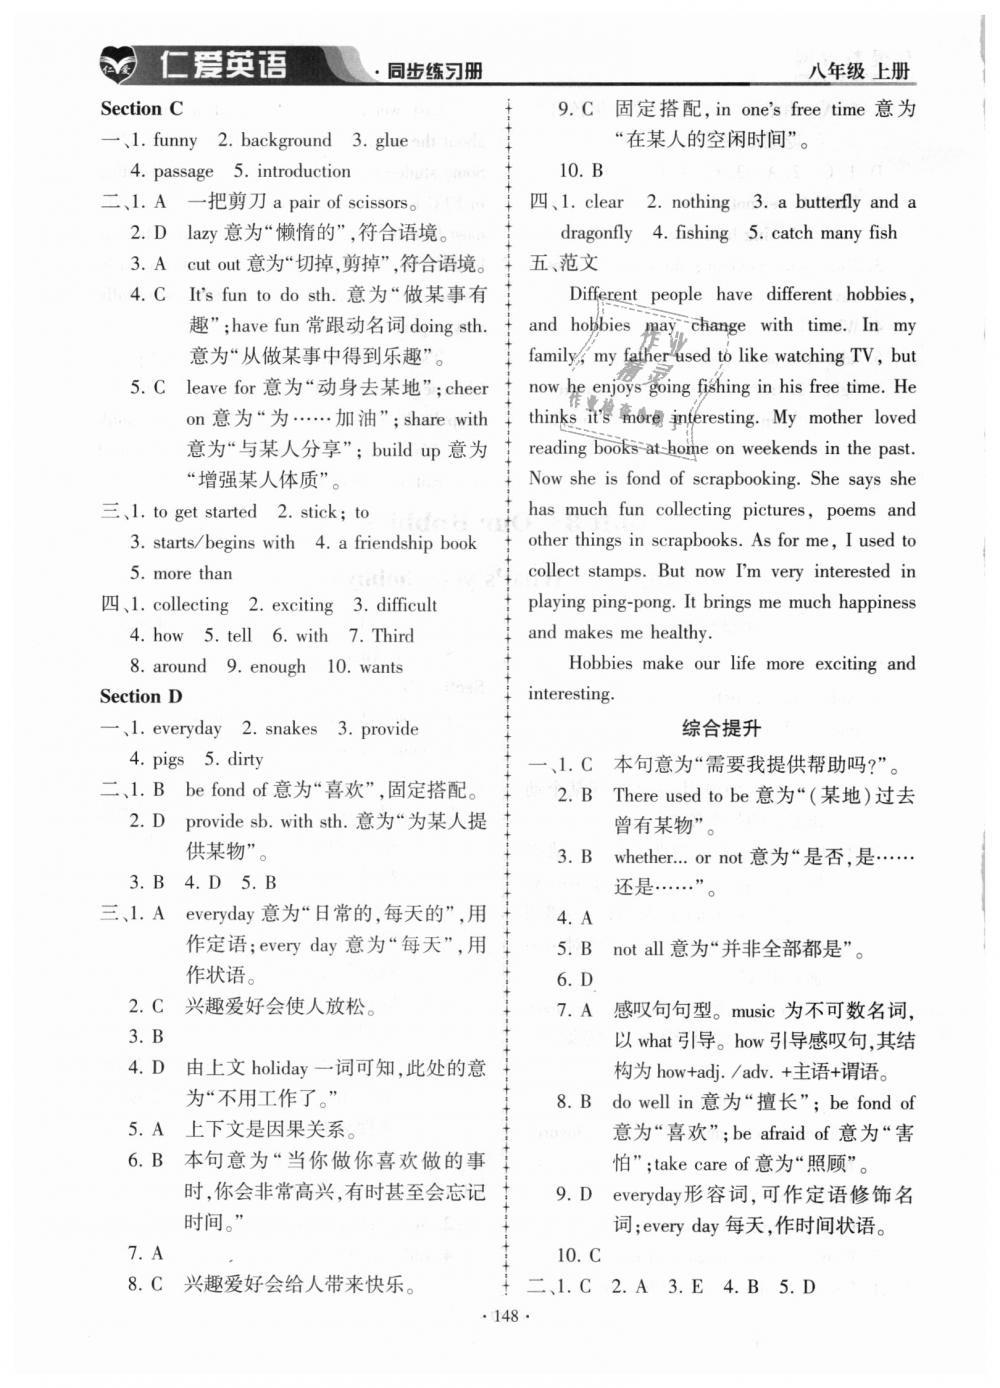 2018年仁爱英语同步练习册八年级上册E第18页